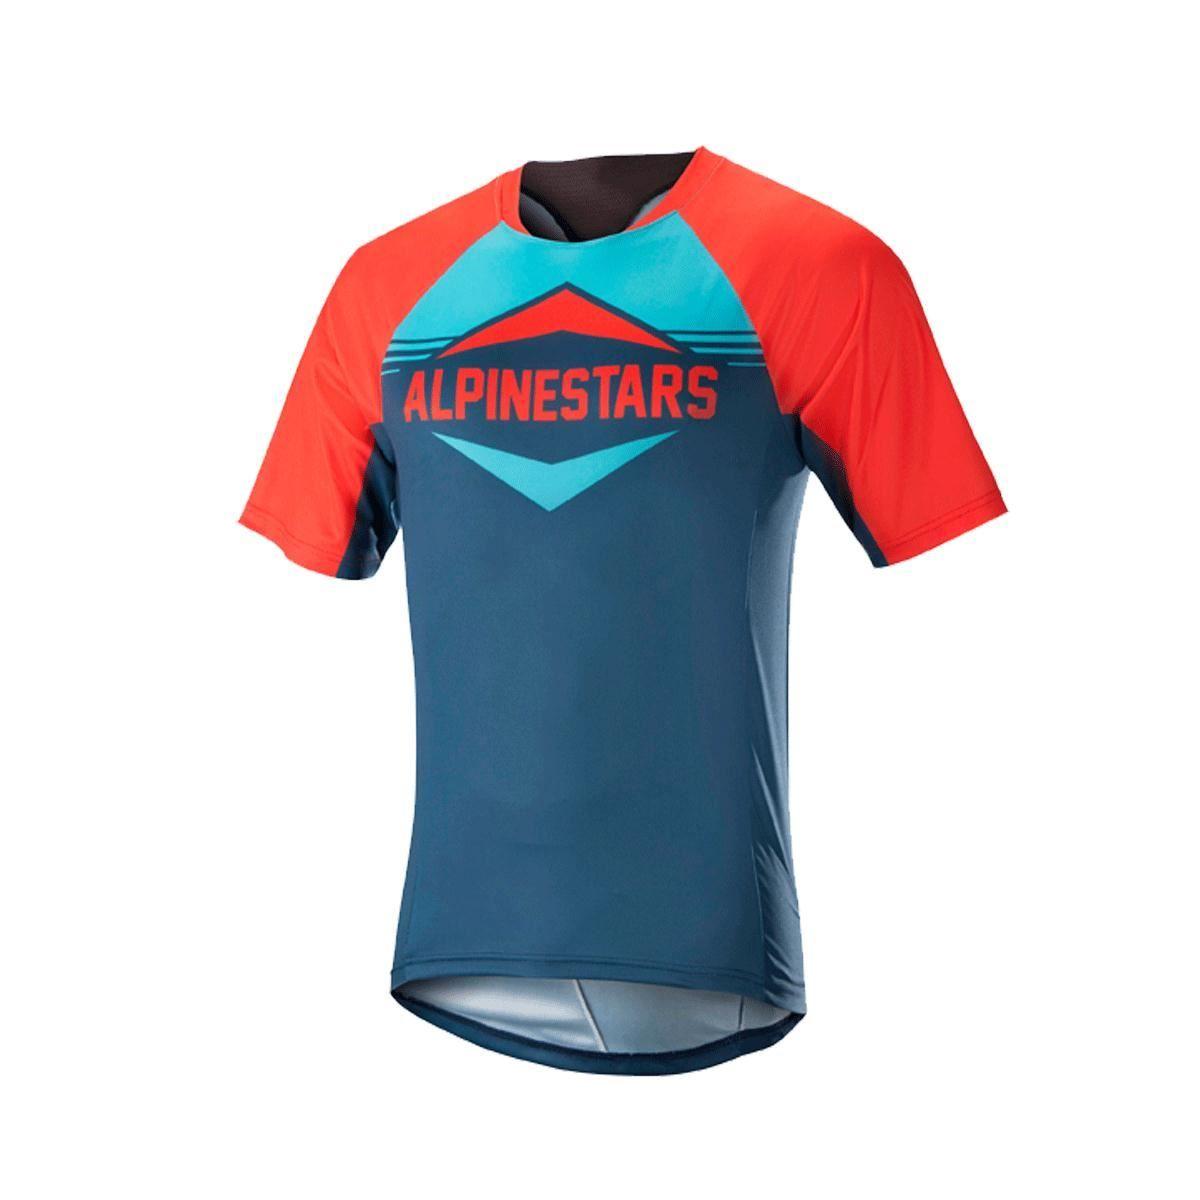 Alpinestars Mesa Short Sleeve Jersey 2018: Energy Orange/Poseidon Blue M